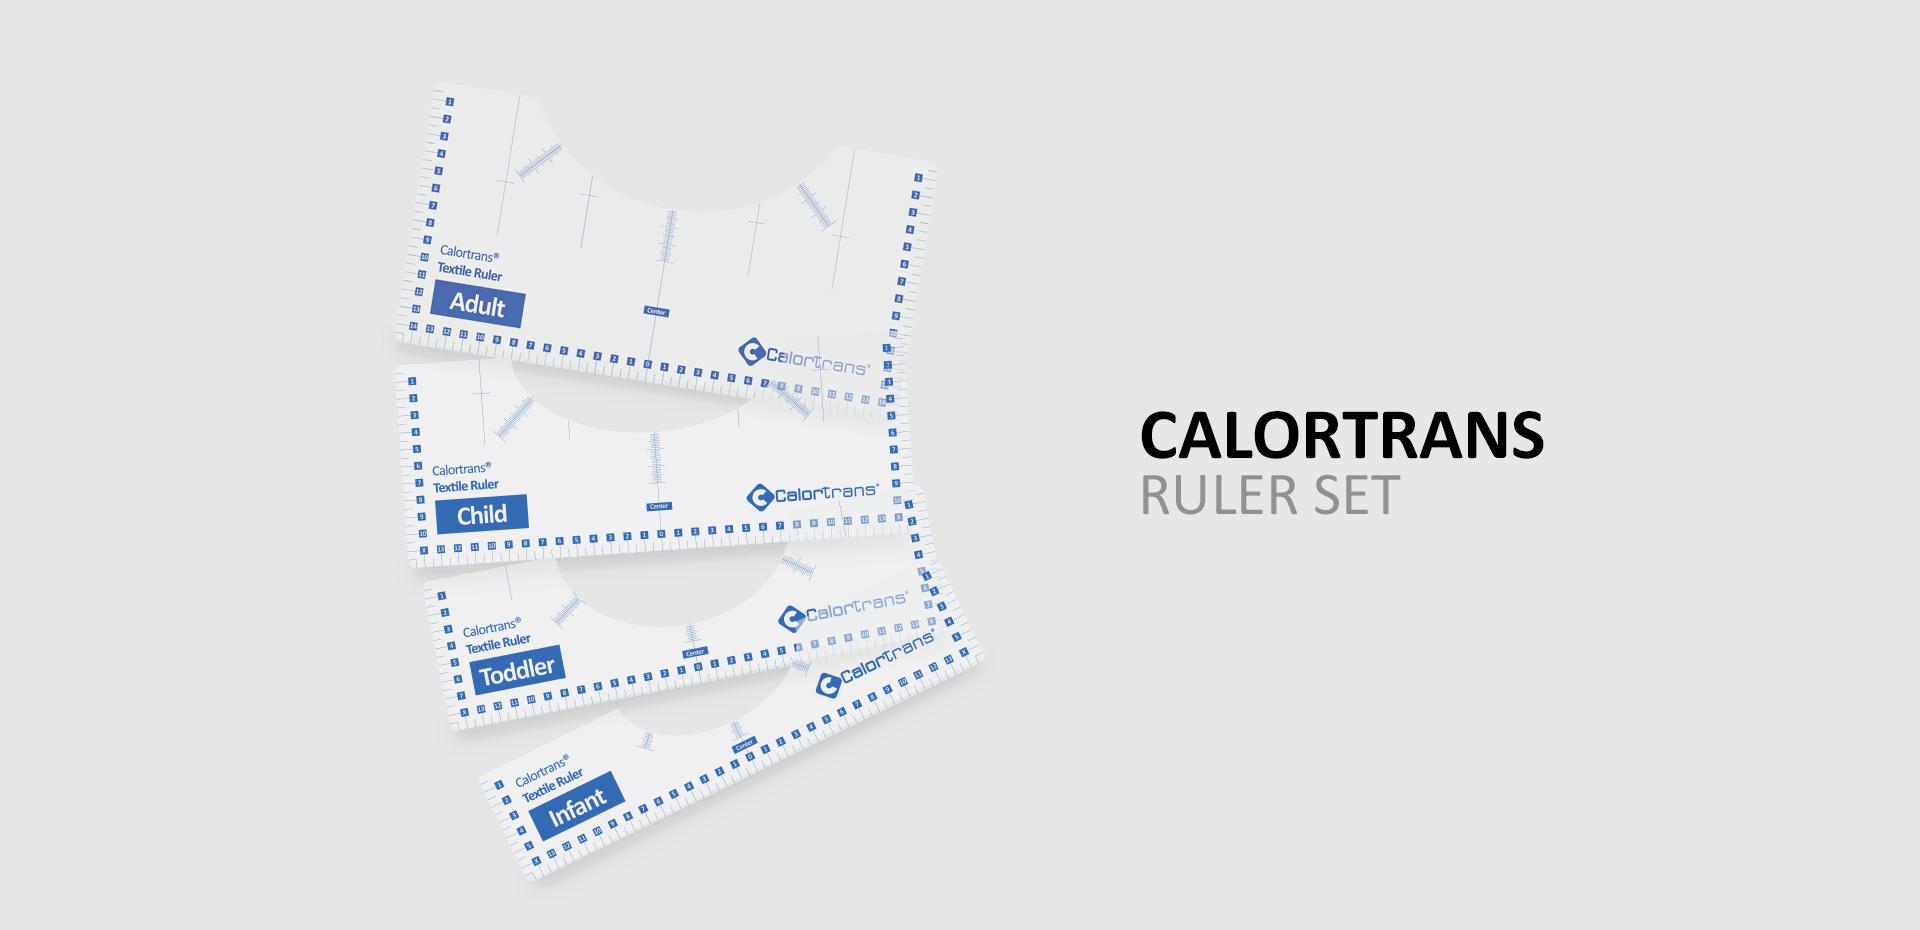 Calortrans-rulerset-aligment-tool